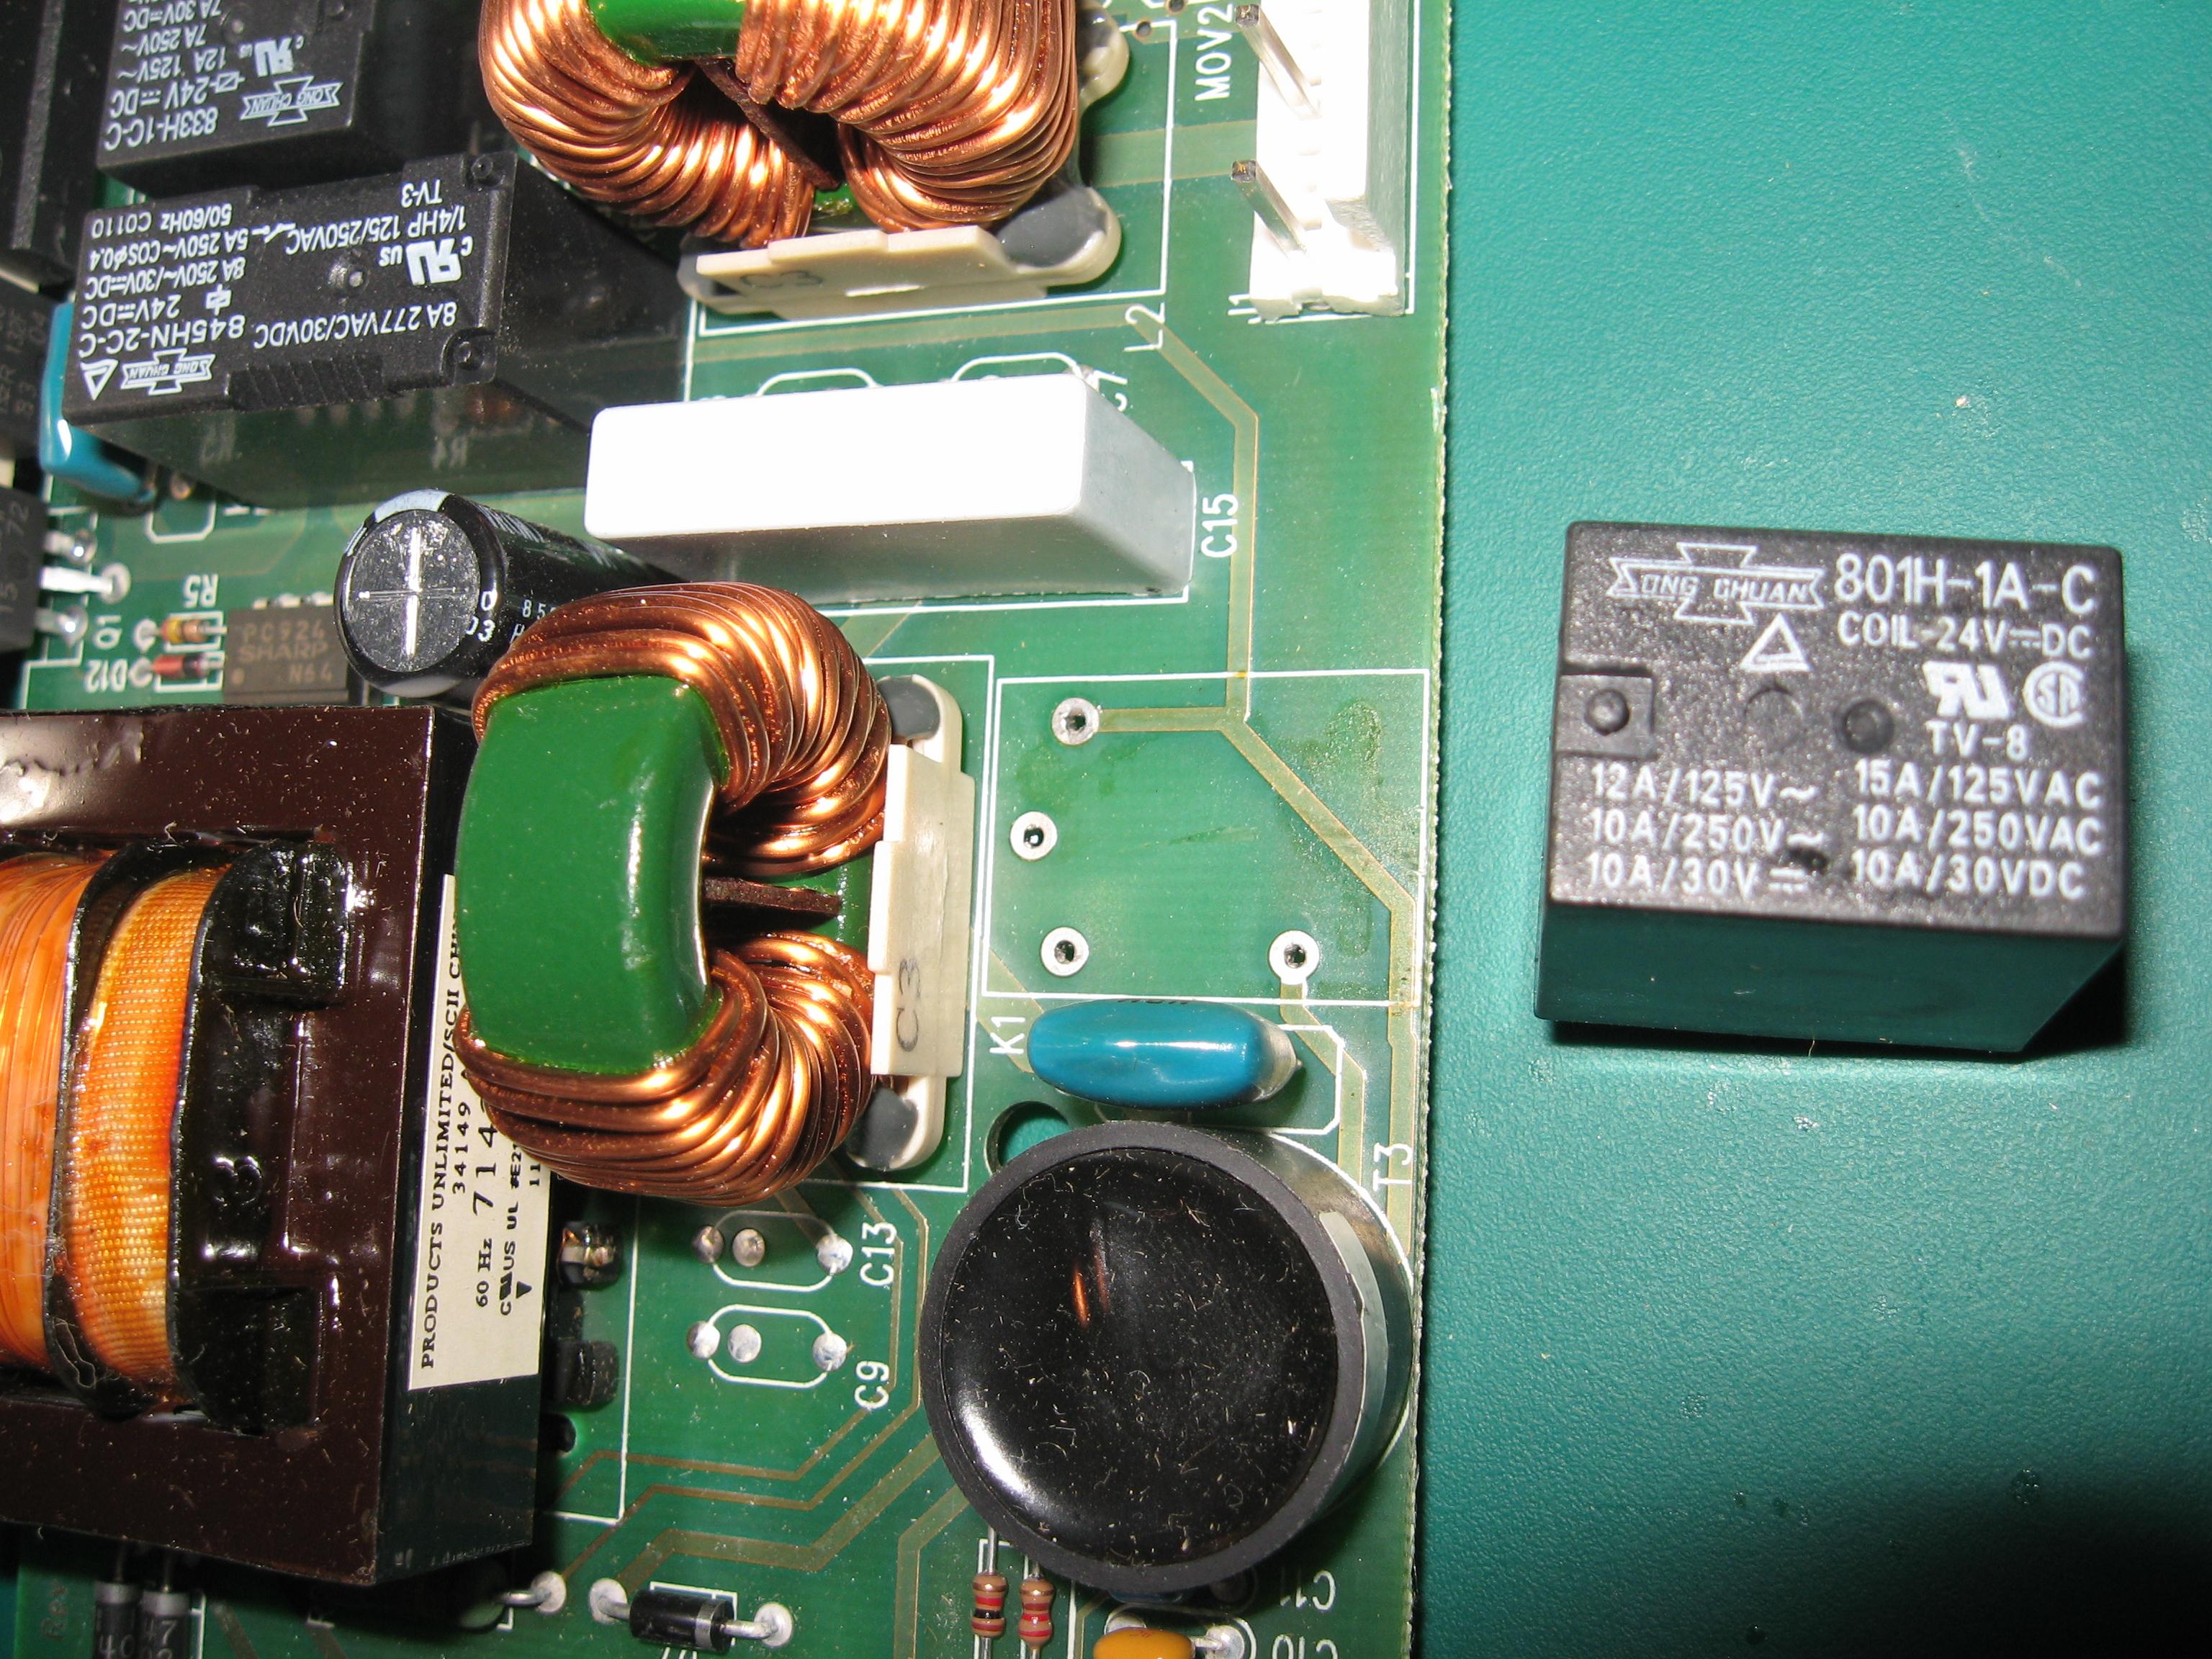 Genie Isd 990 Garage Door Openerlights Stay On Fixed It